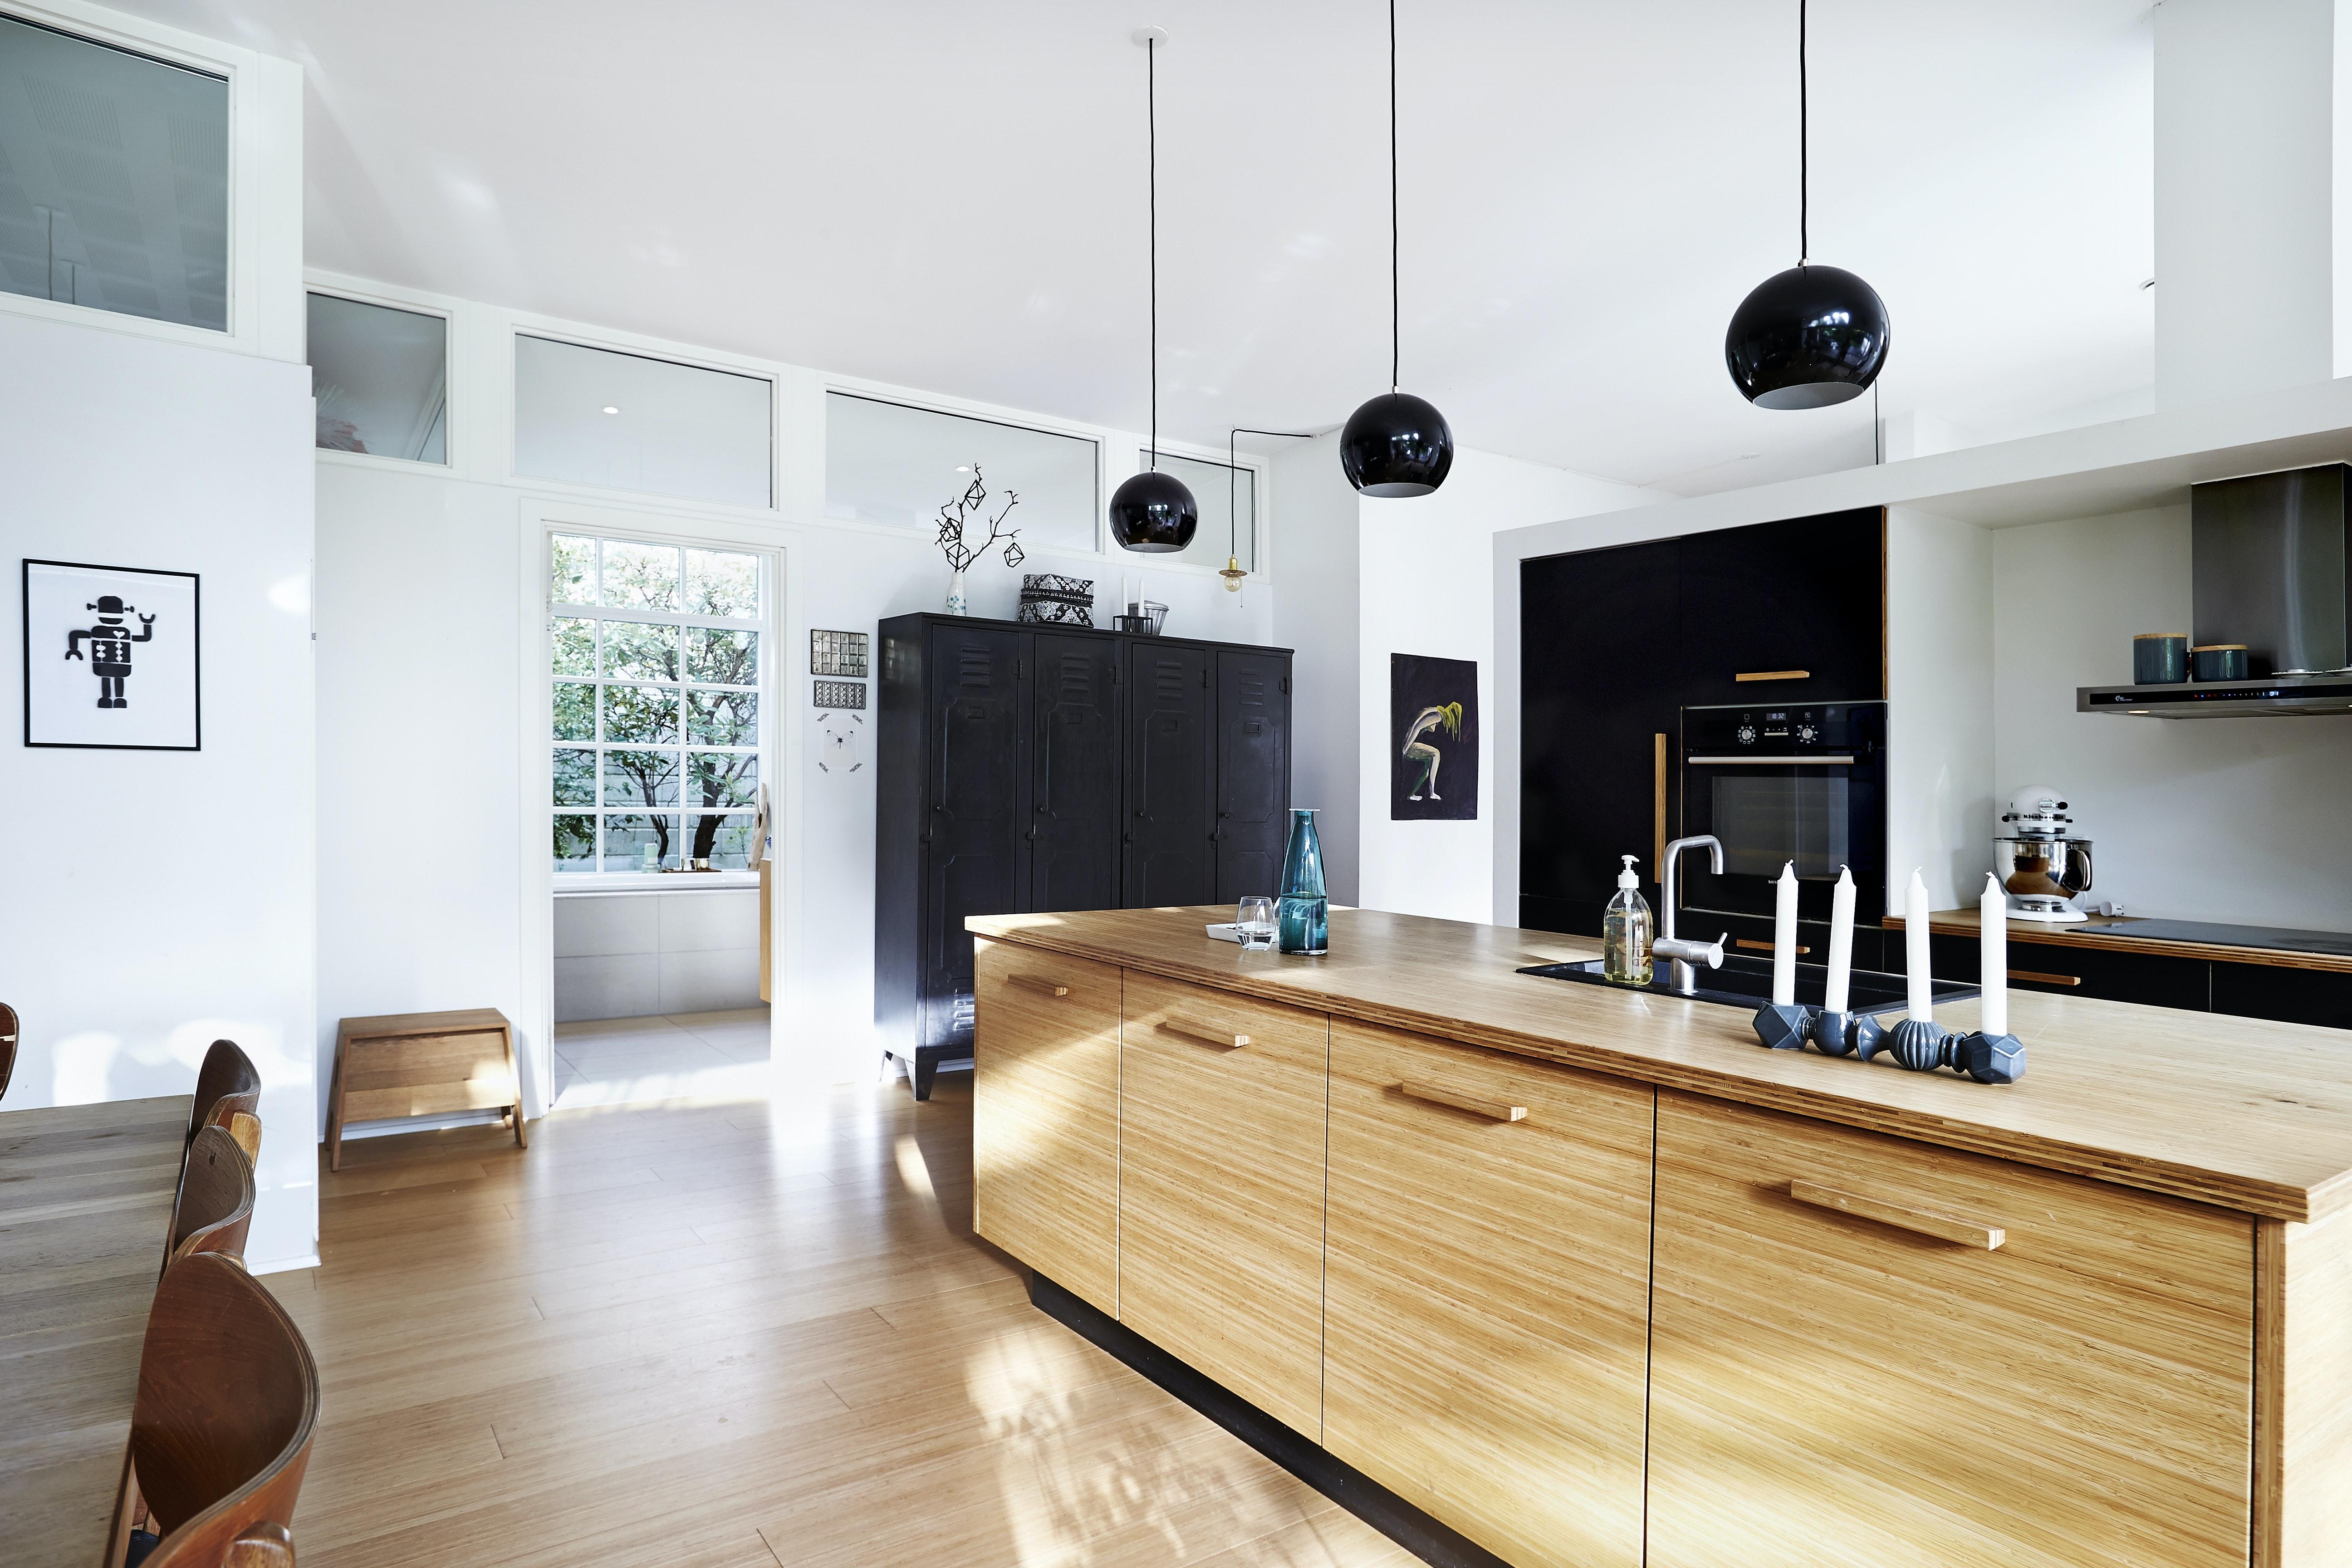 Sådan bruger du træ i køkkenet